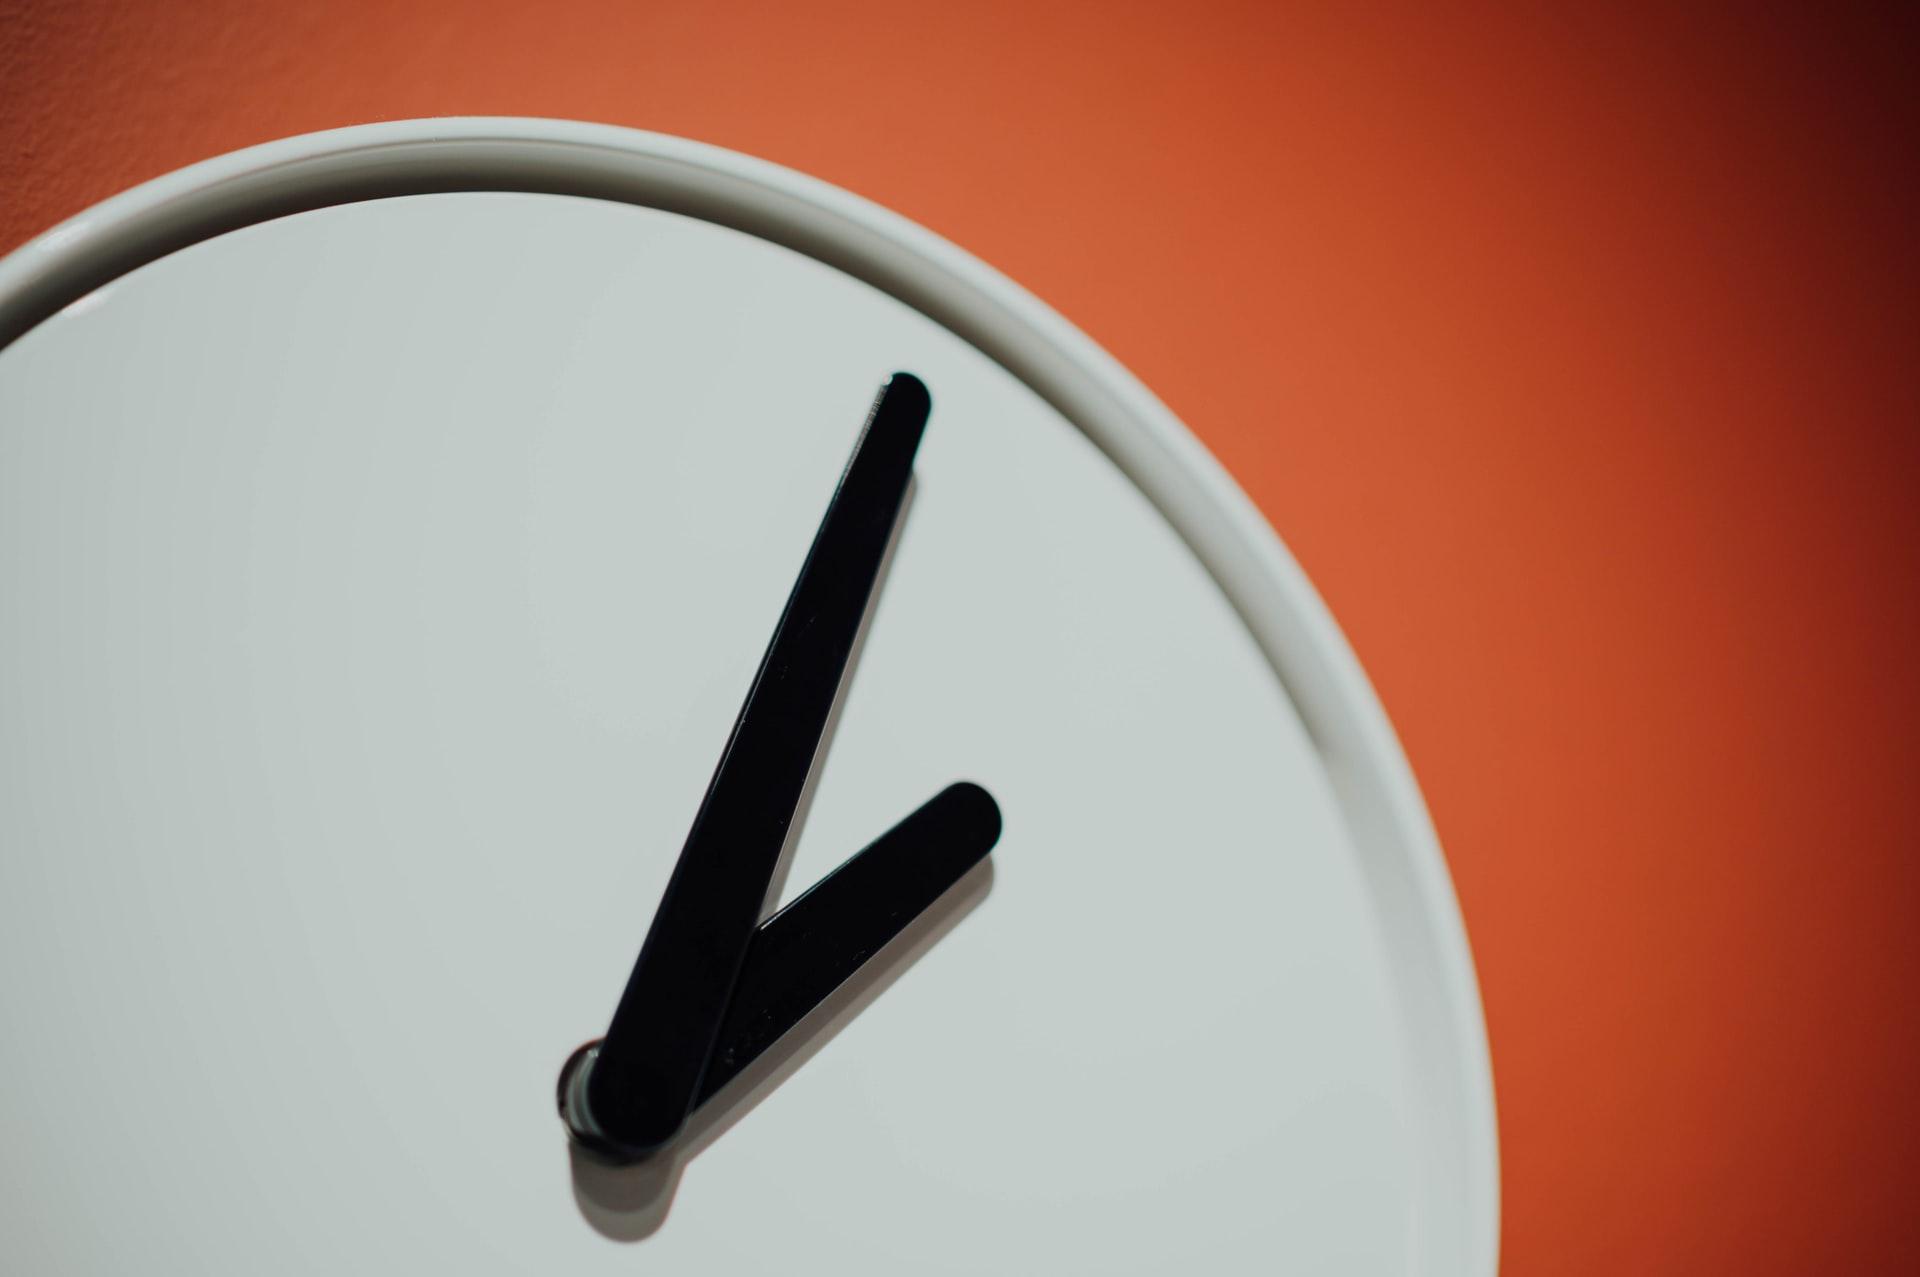 Sejarah waktu dan penggunaan AM dan PM